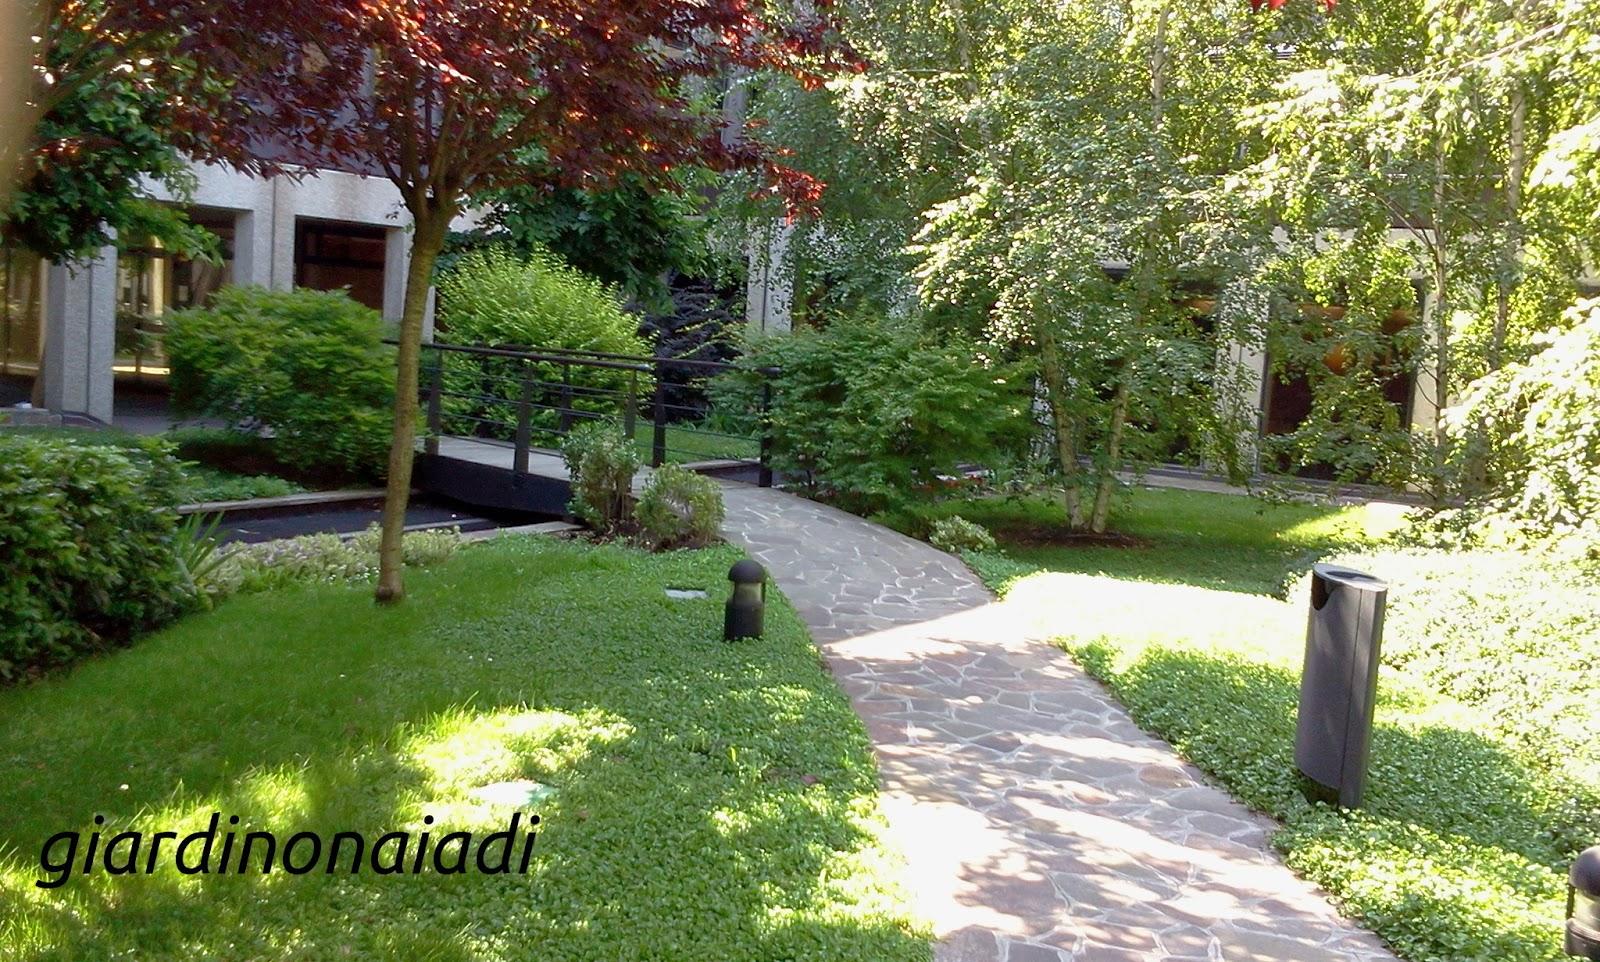 Il giardino delle naiadi due passi in giardino prima parte for Giardini e aiuole